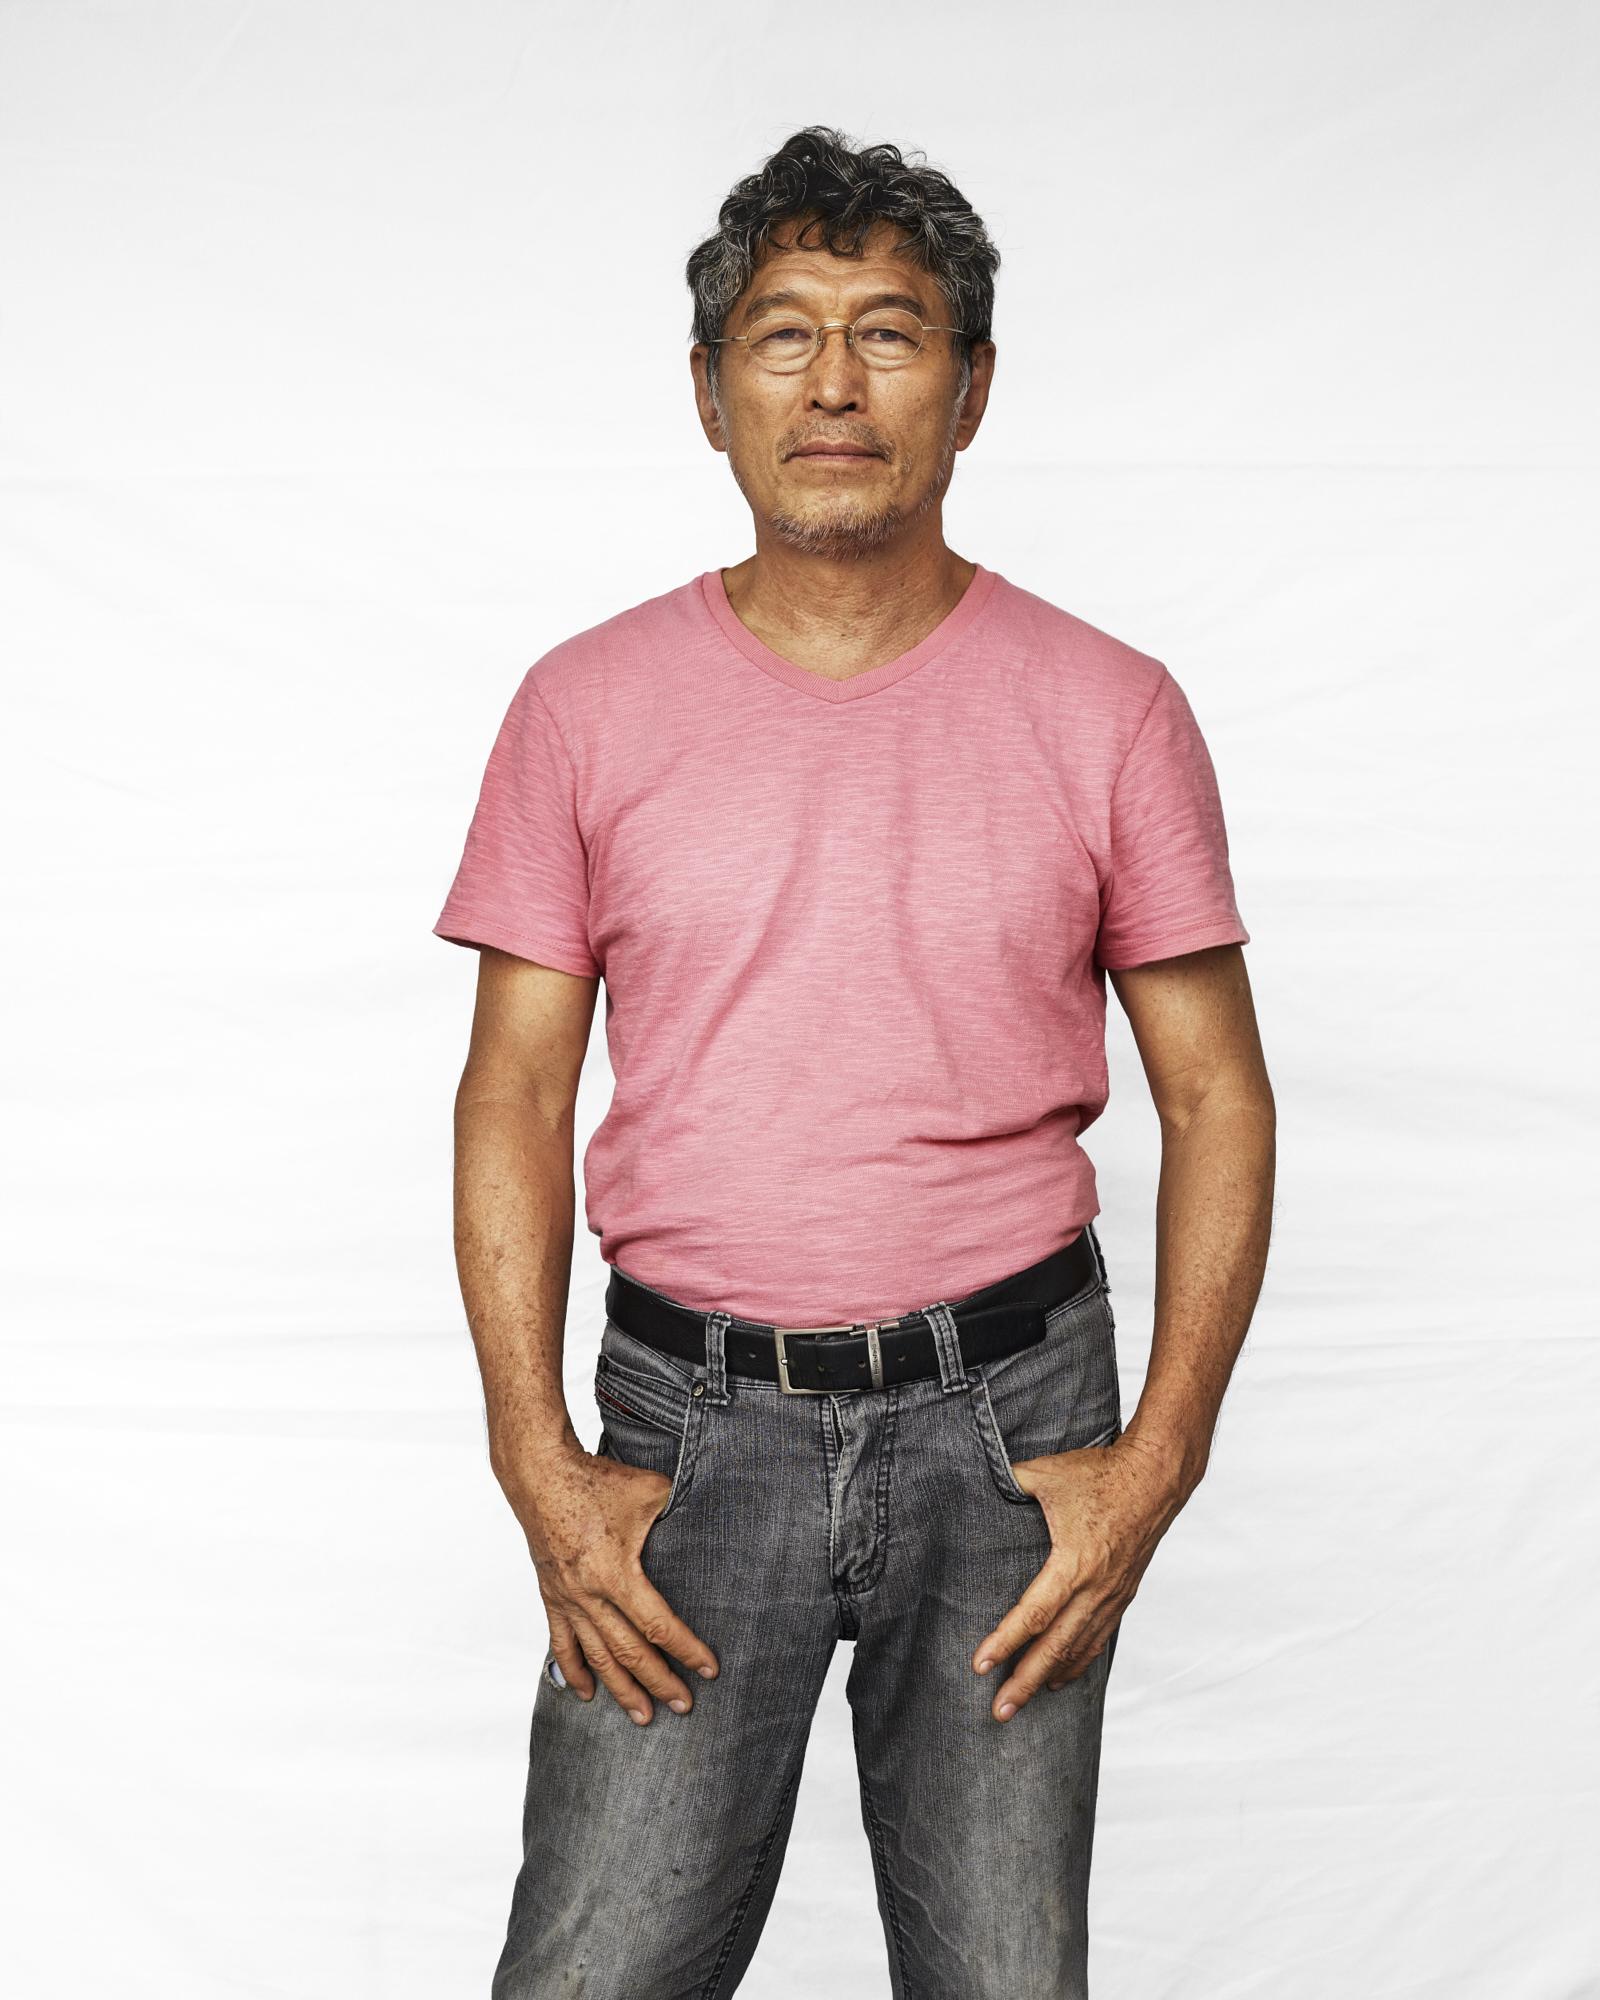 Miguel Takao Chikaoka